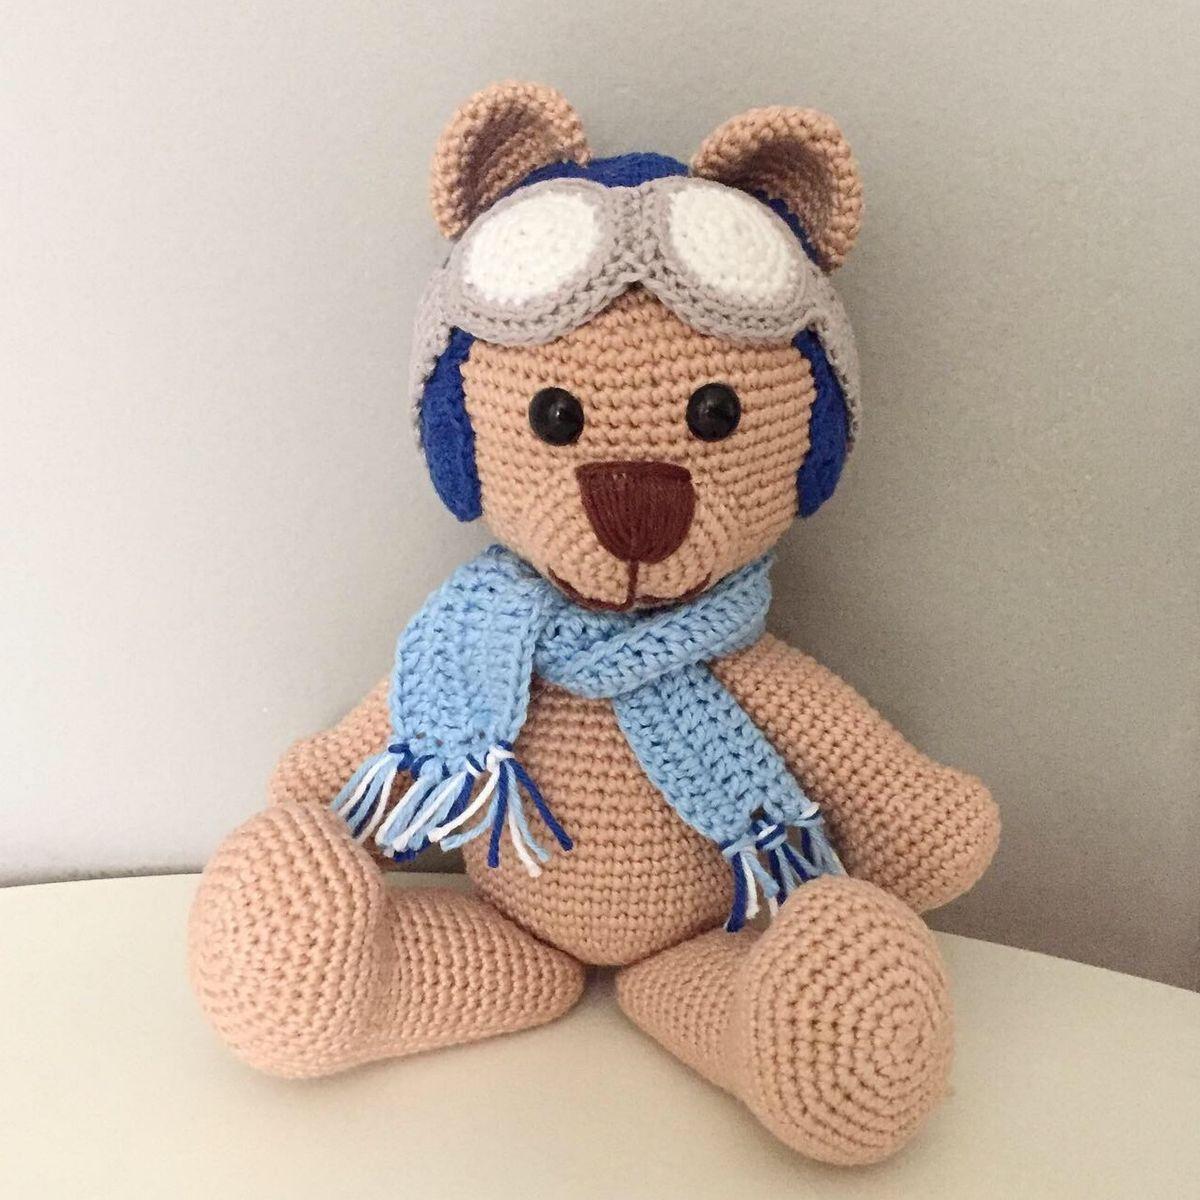 Amigurumi Urso Pardo Com Cachecol. - R$ 40,00 (com imagens) | Urso ... | 1200x1200